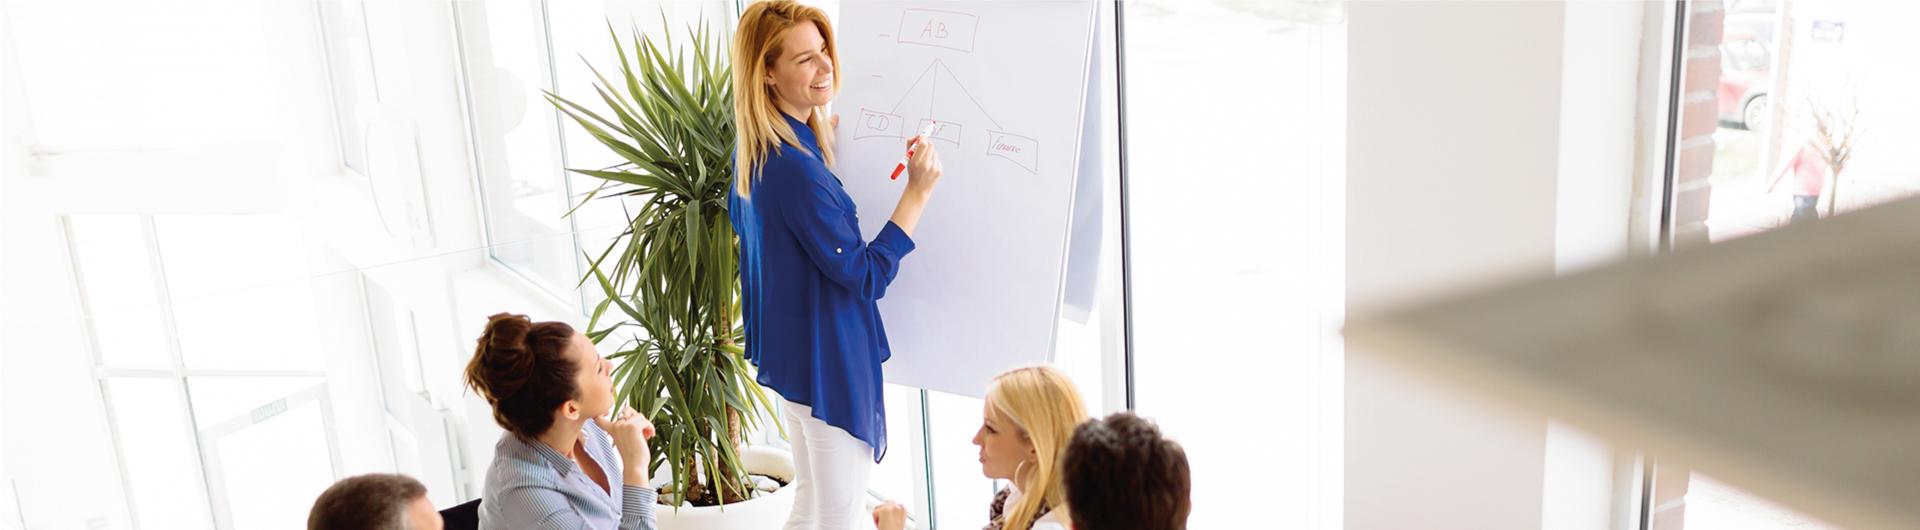 Diplomado en Comunicación Estratégica en Empresa e Instituciones